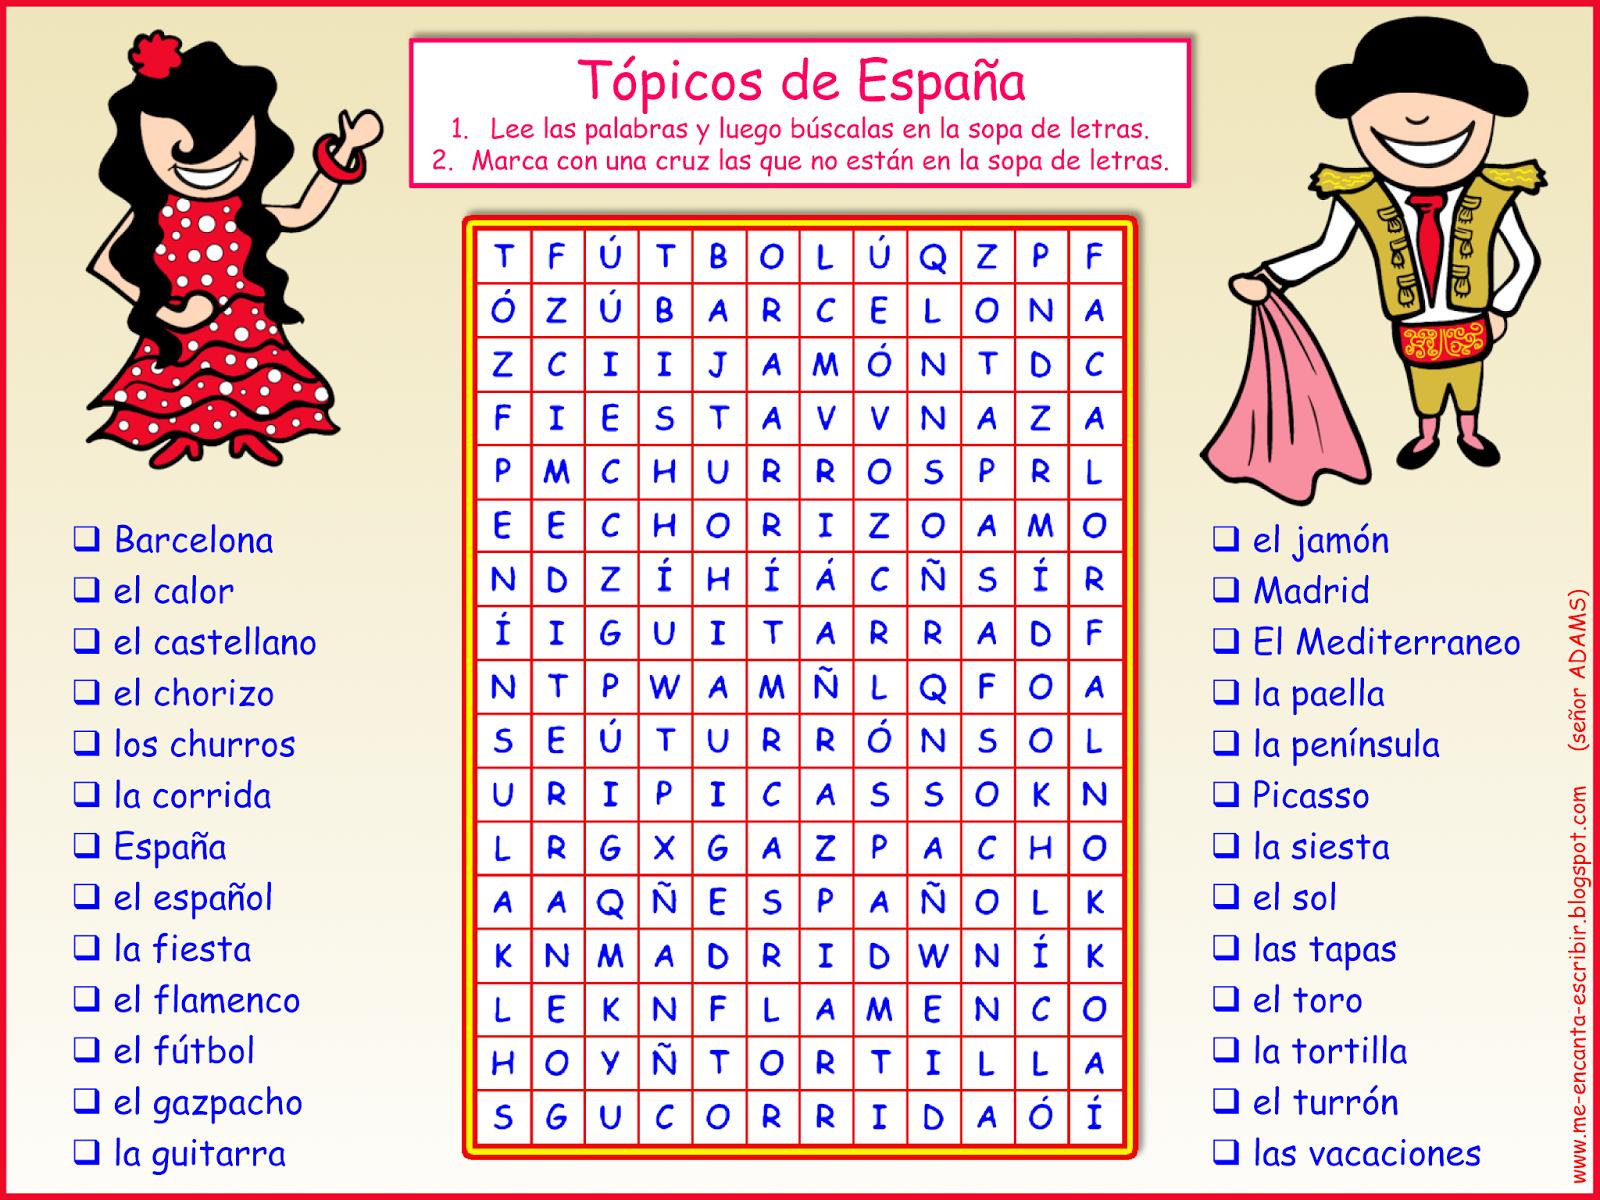 Me Encanta Escribir En Espanol Topicos De Espana Sopa De